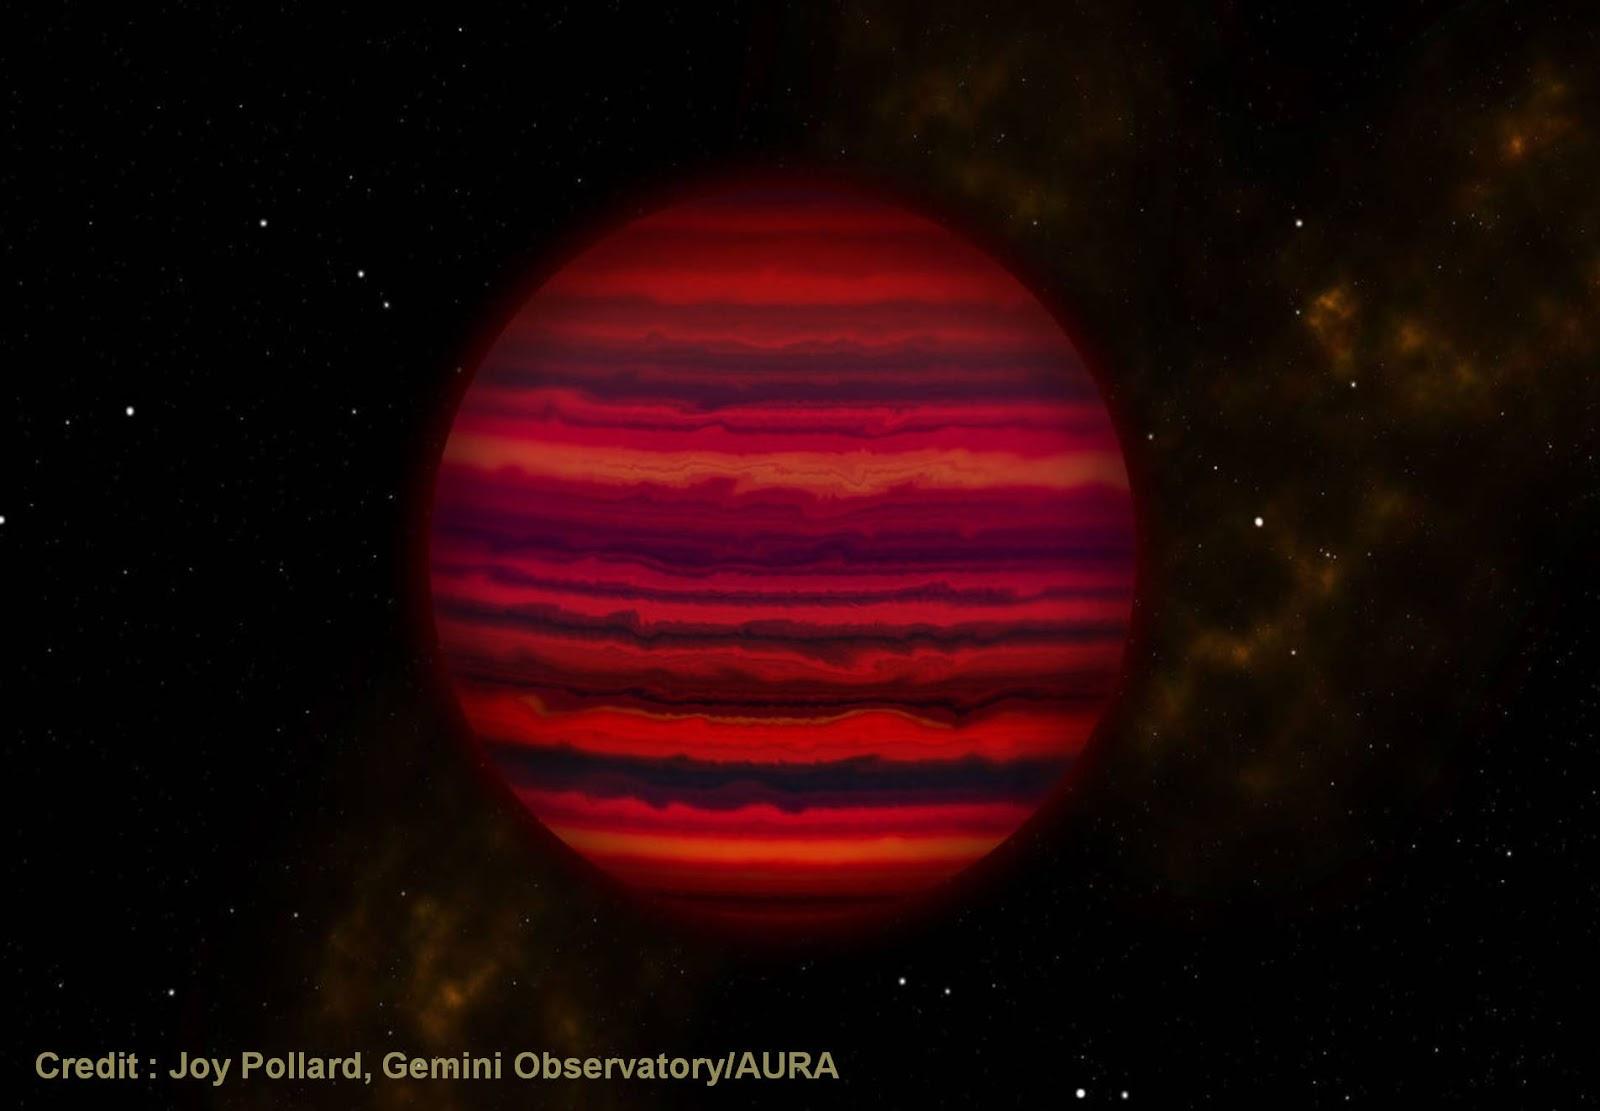 اكتشاف أول سحابة بخار ماء خارج المجموعة الشمسية